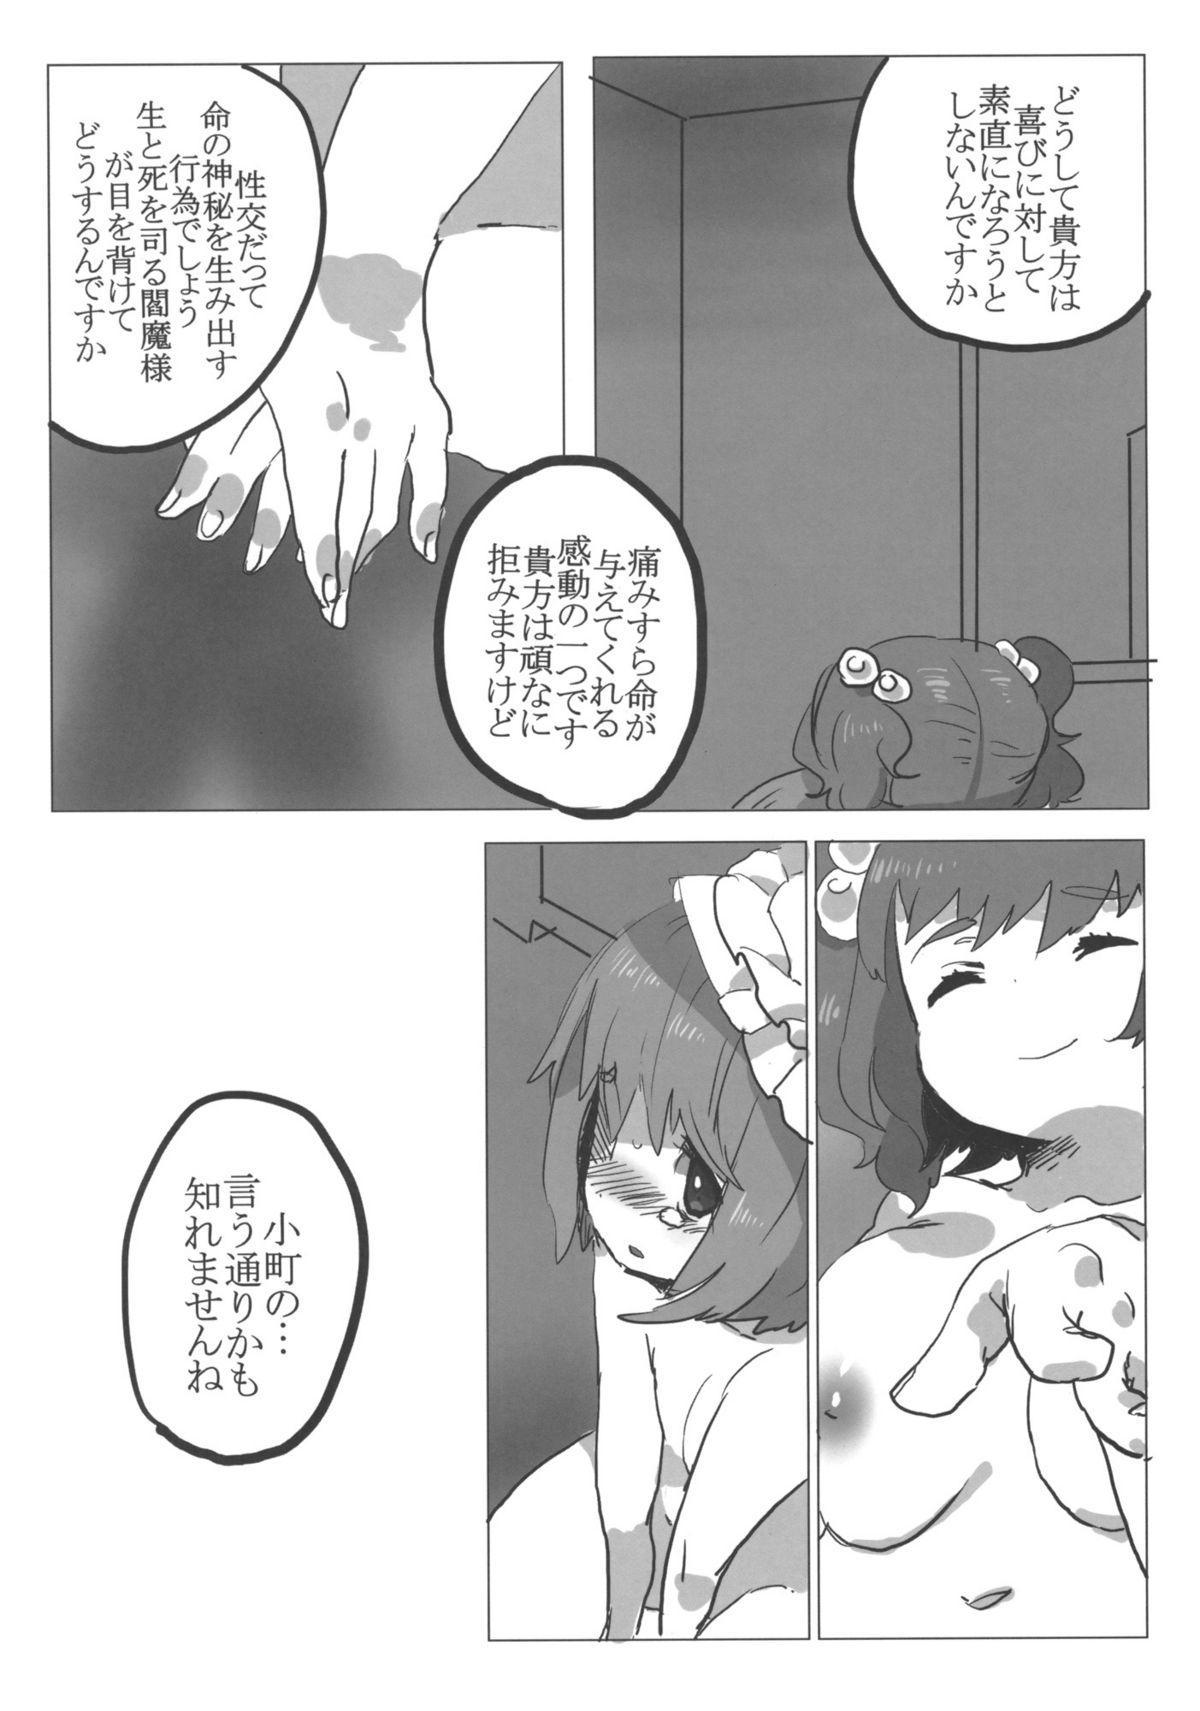 Furubokko Eiki-sama 10